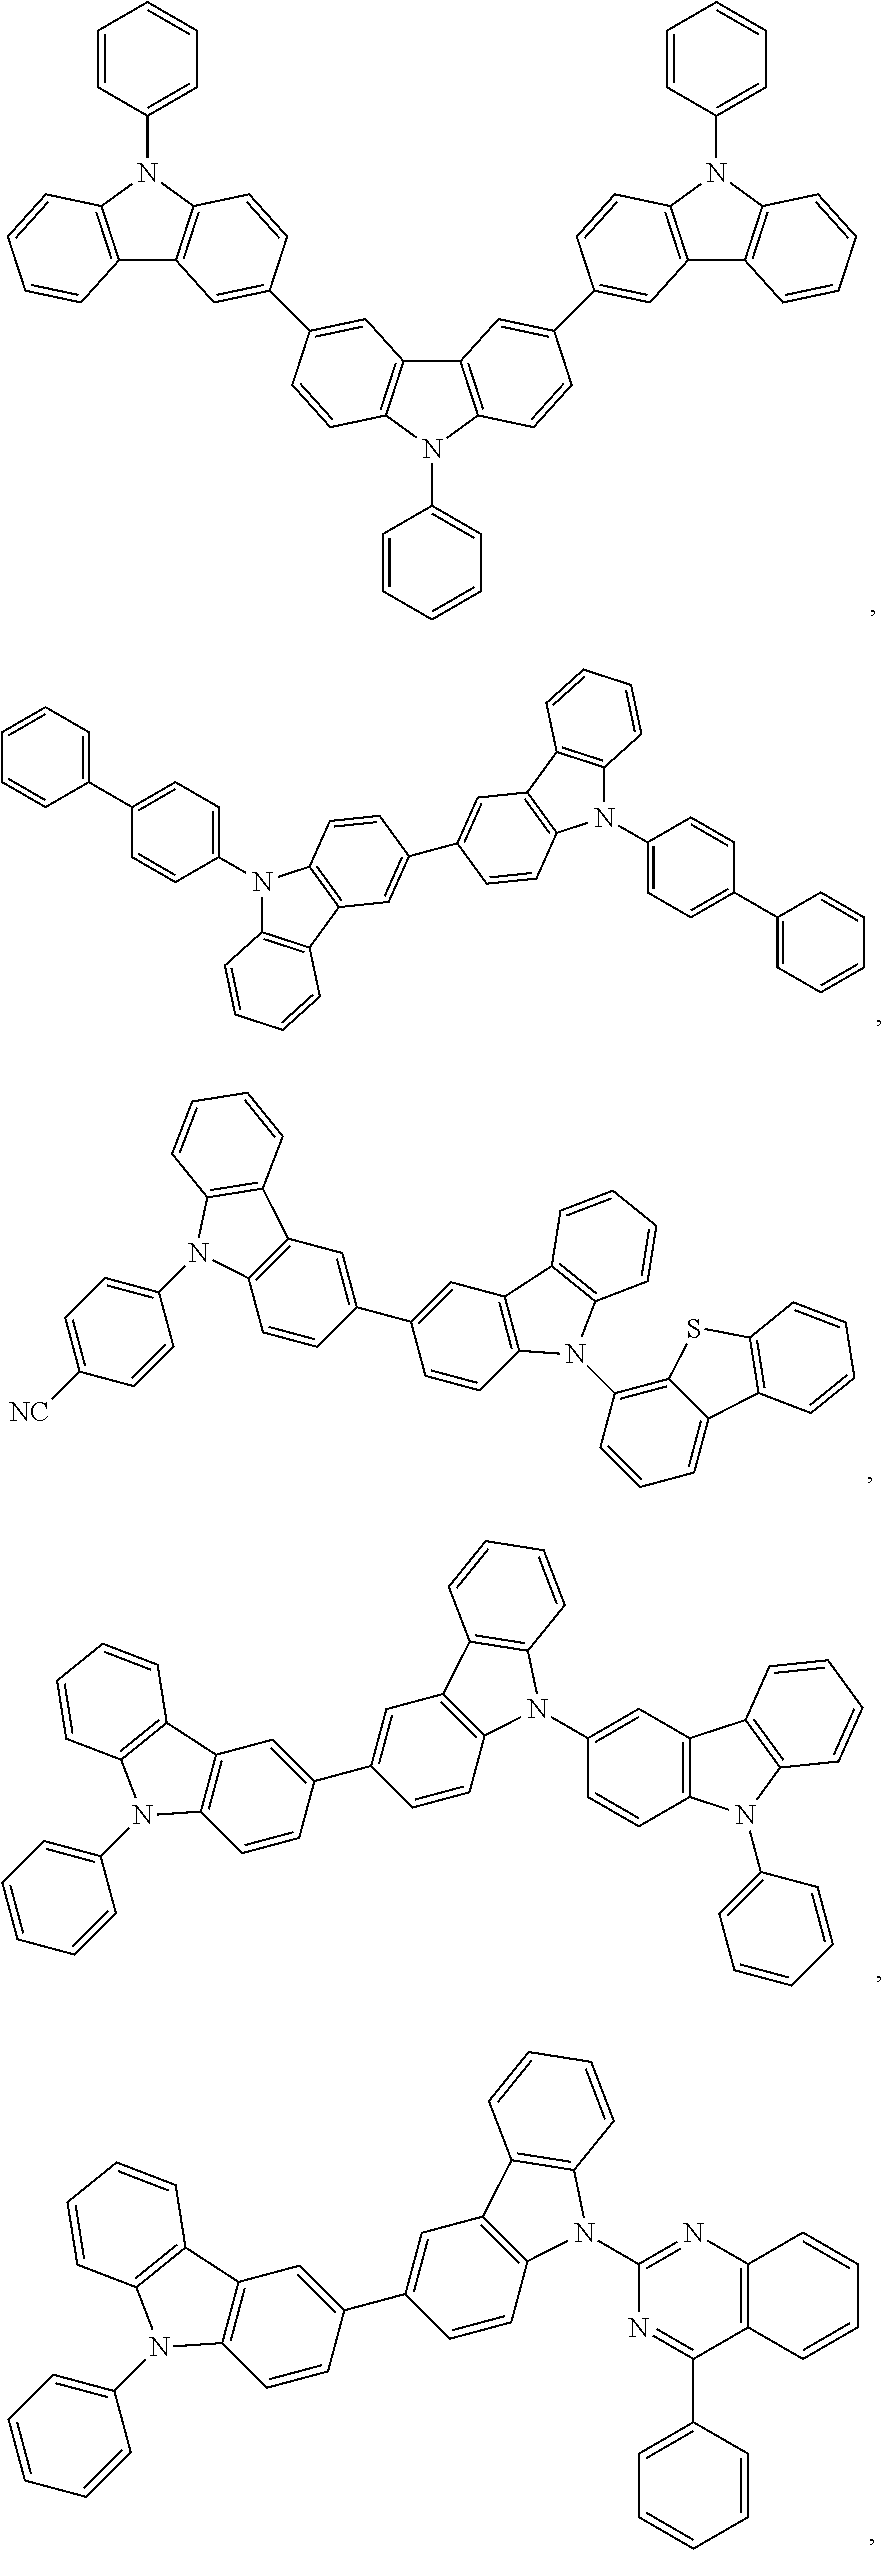 Figure US20180130962A1-20180510-C00324